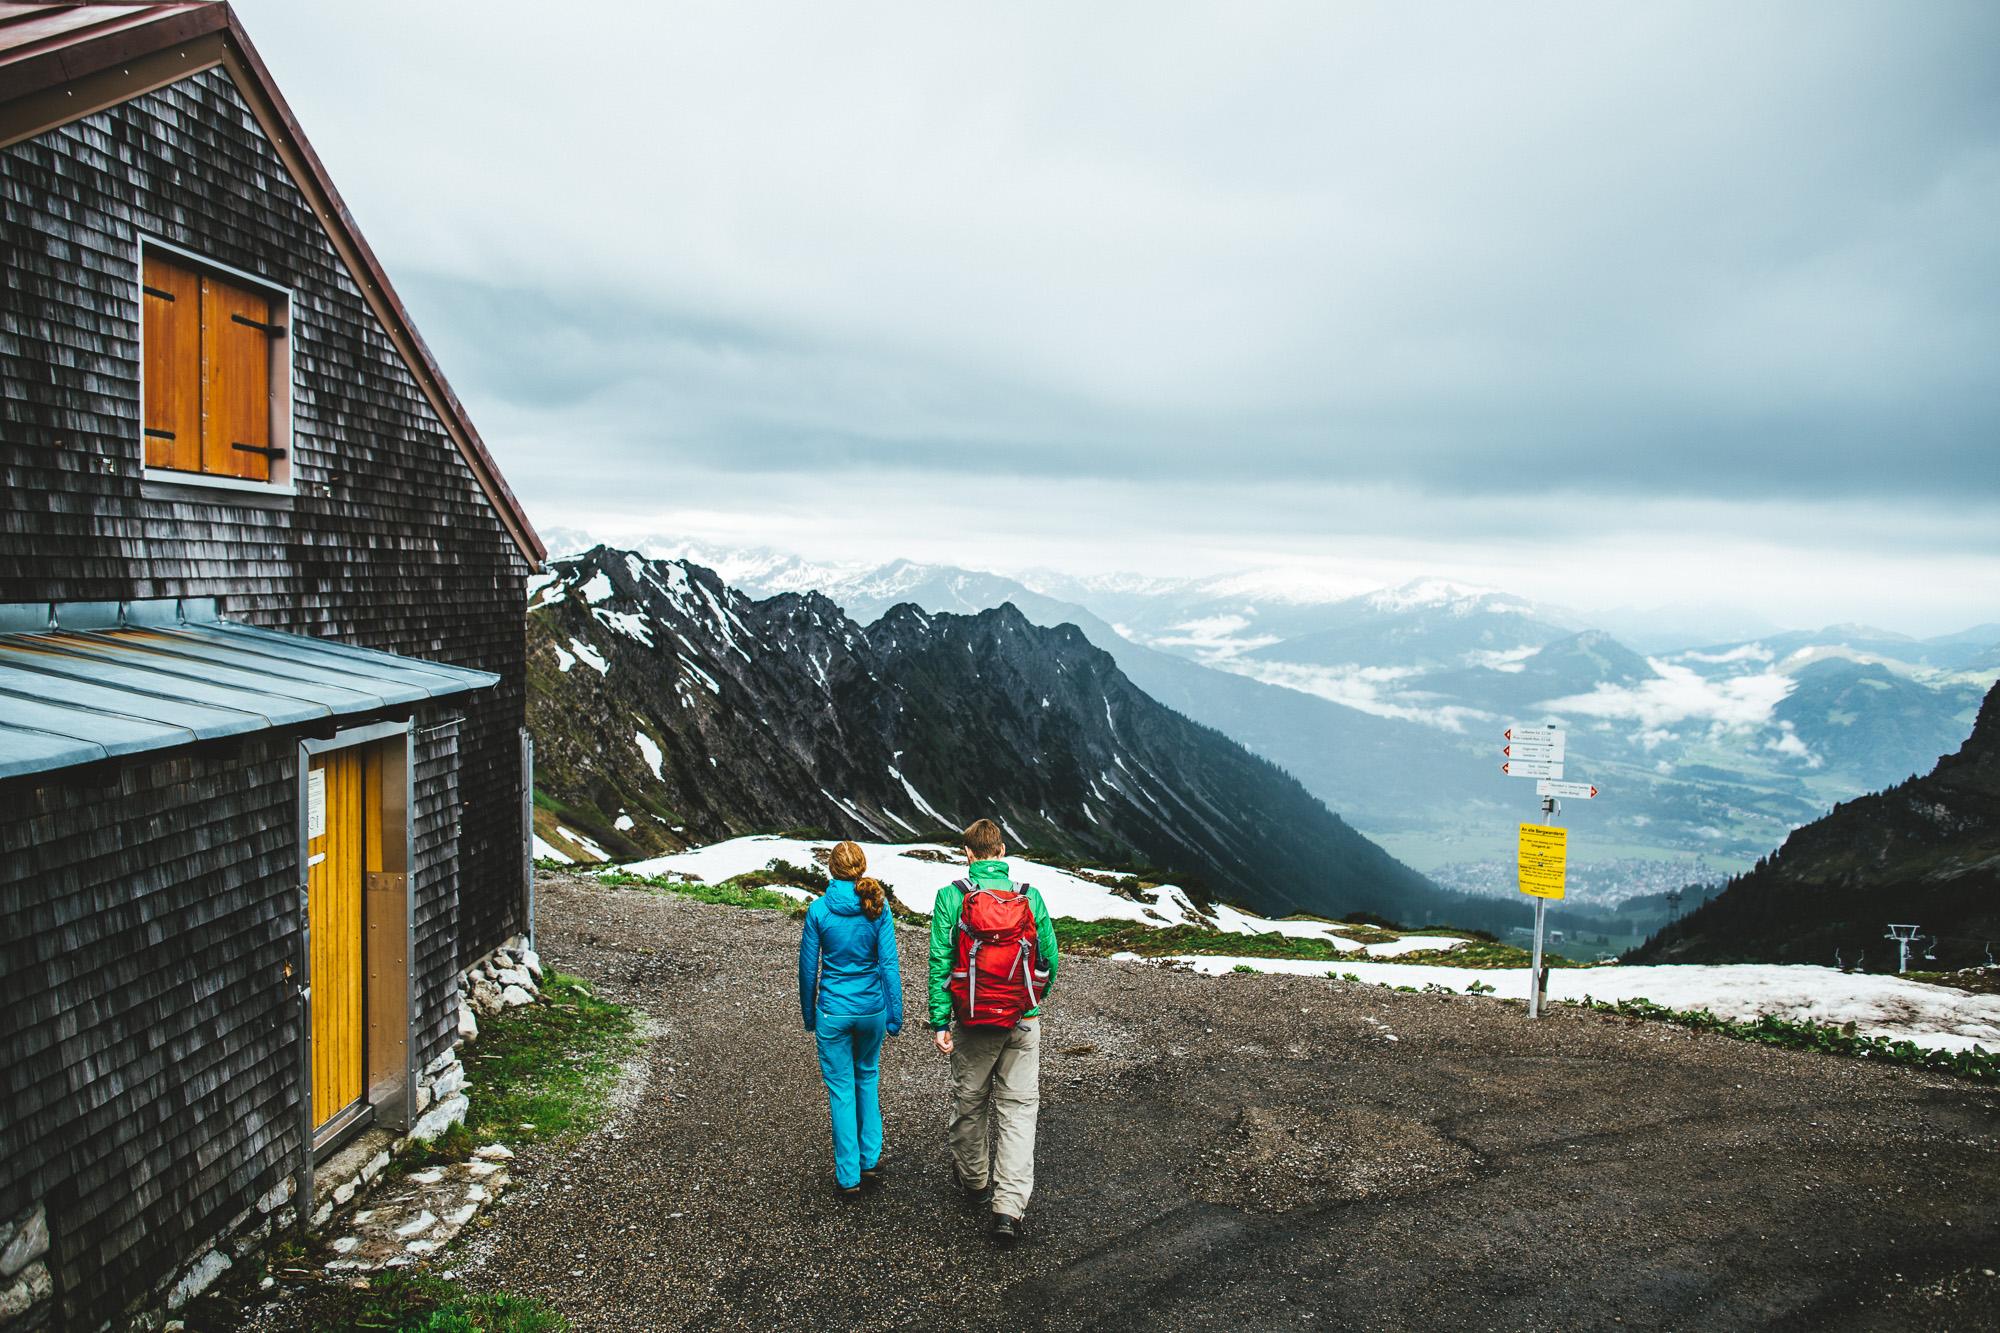 svea und keve 002 - Nur zu zweit in den Bergen